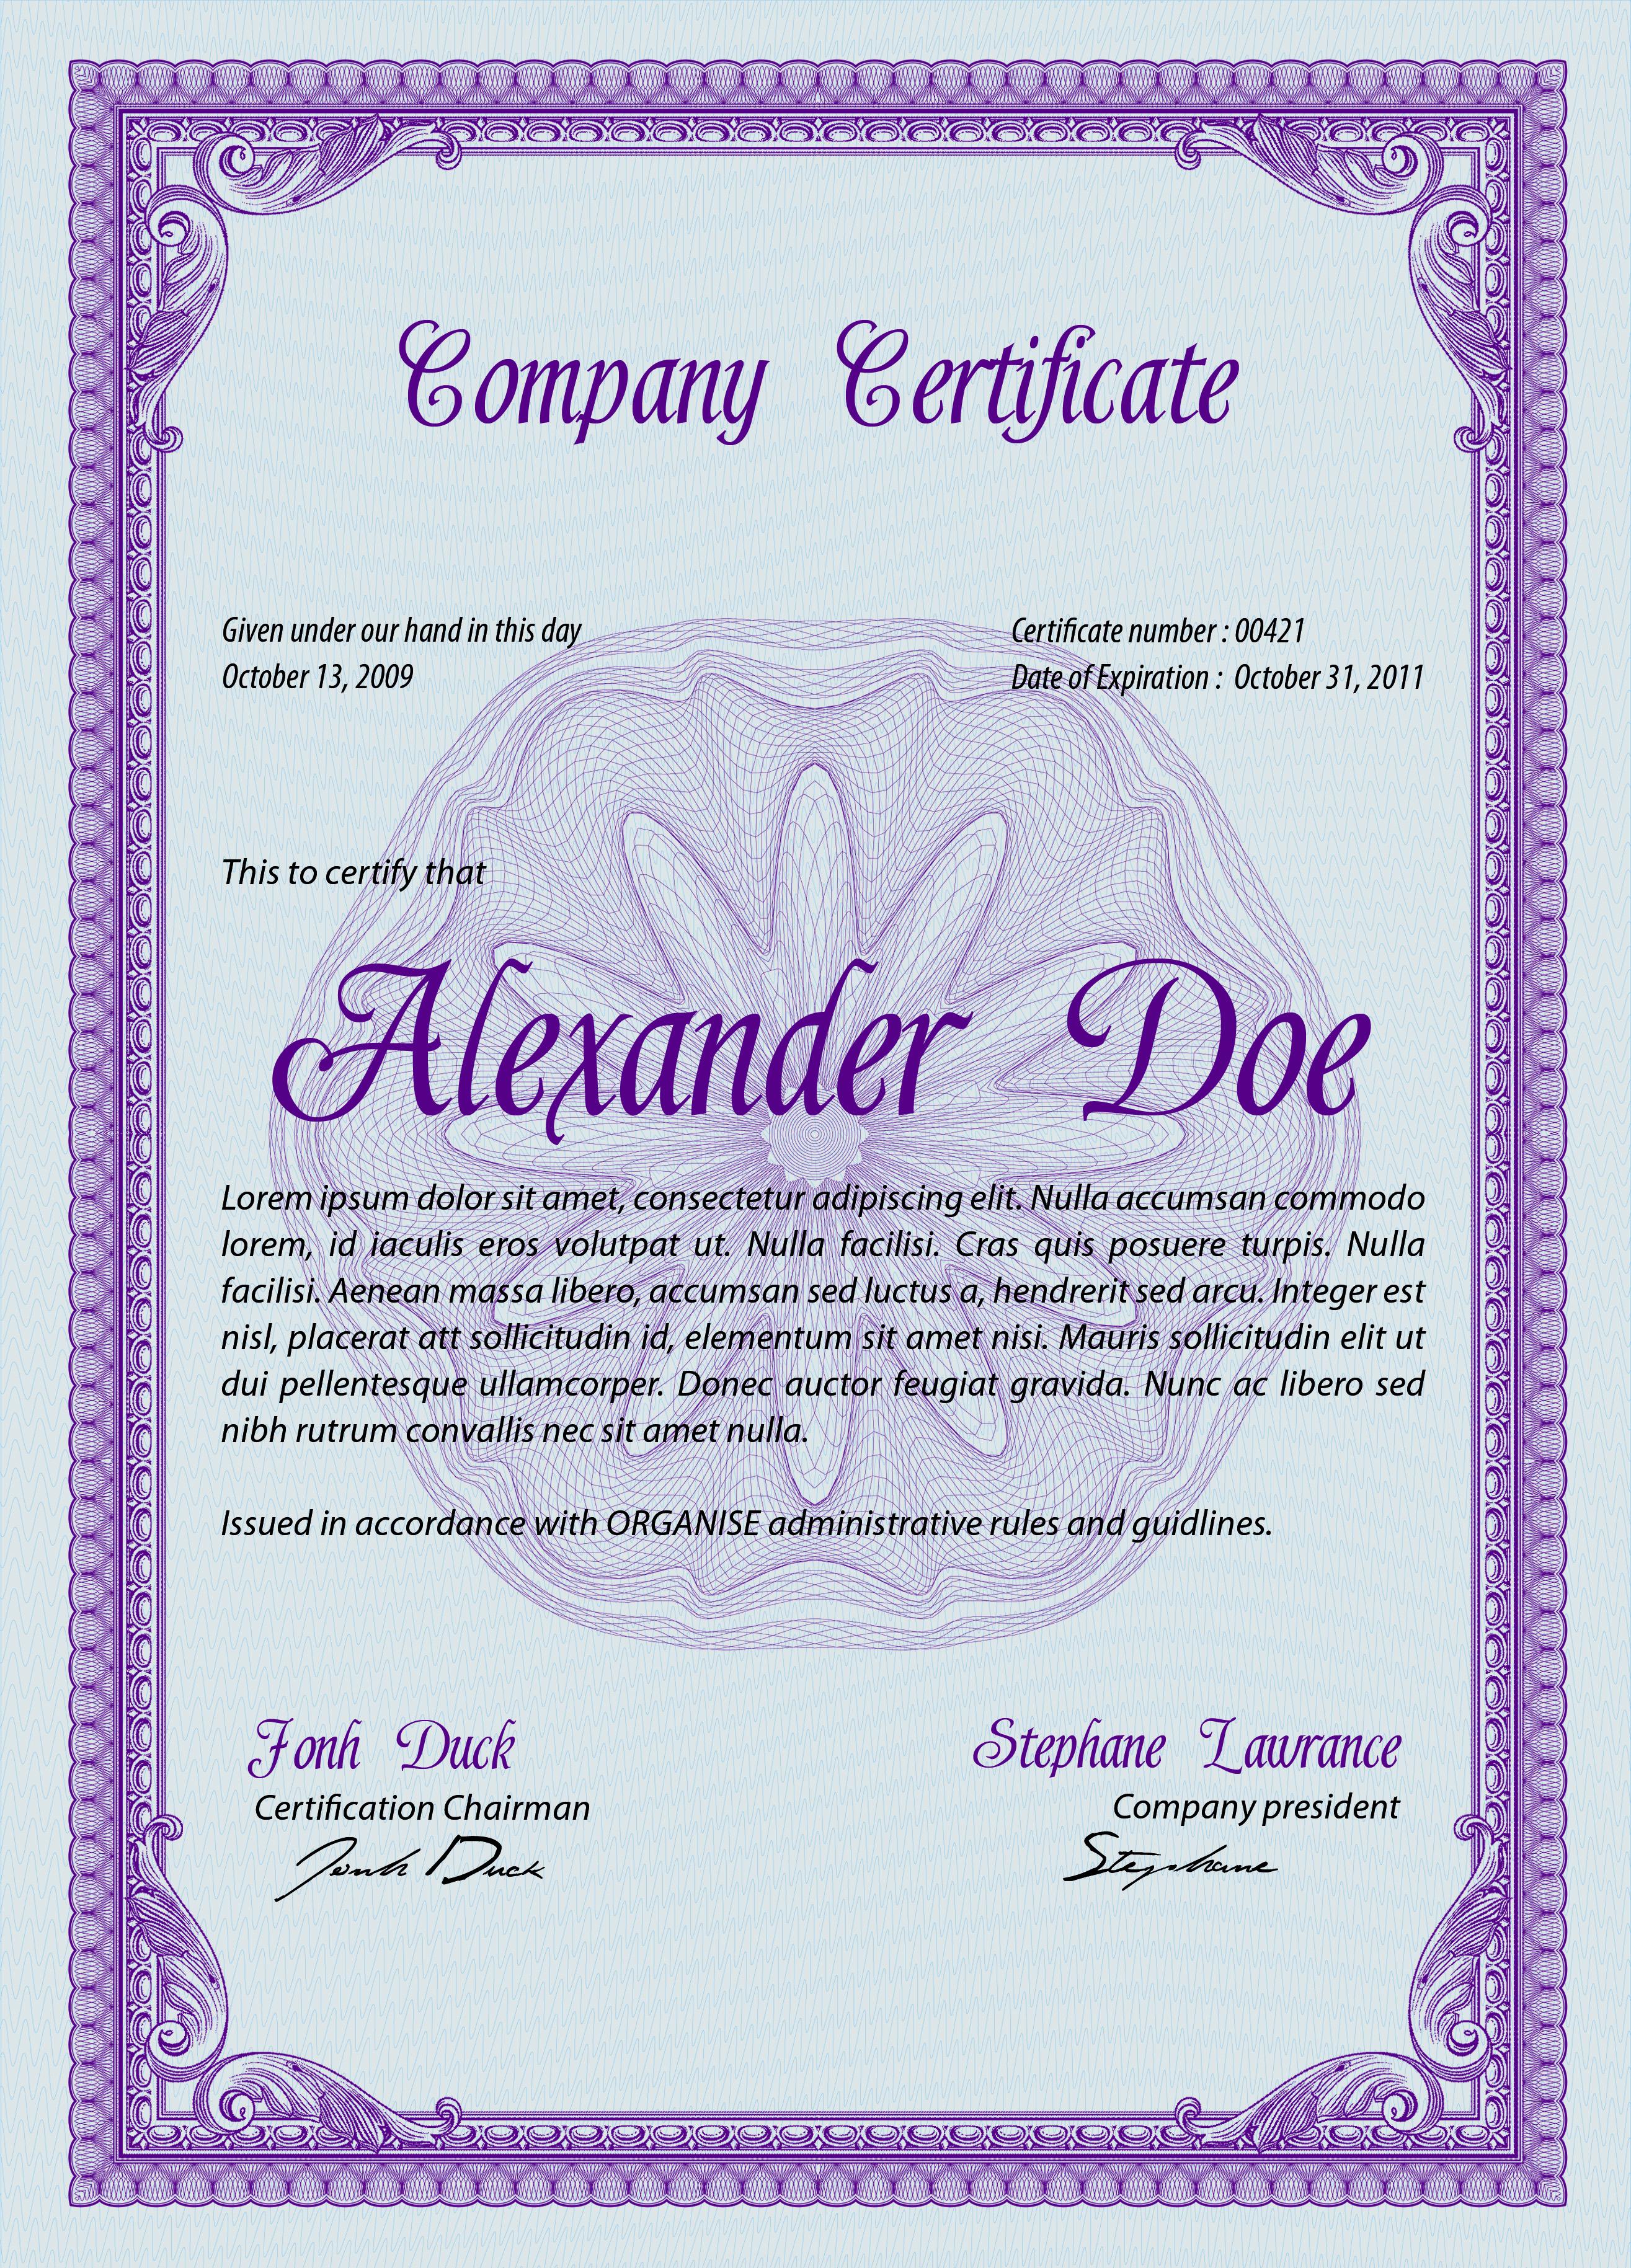 Шаблон вертикального сертификата в формате psd